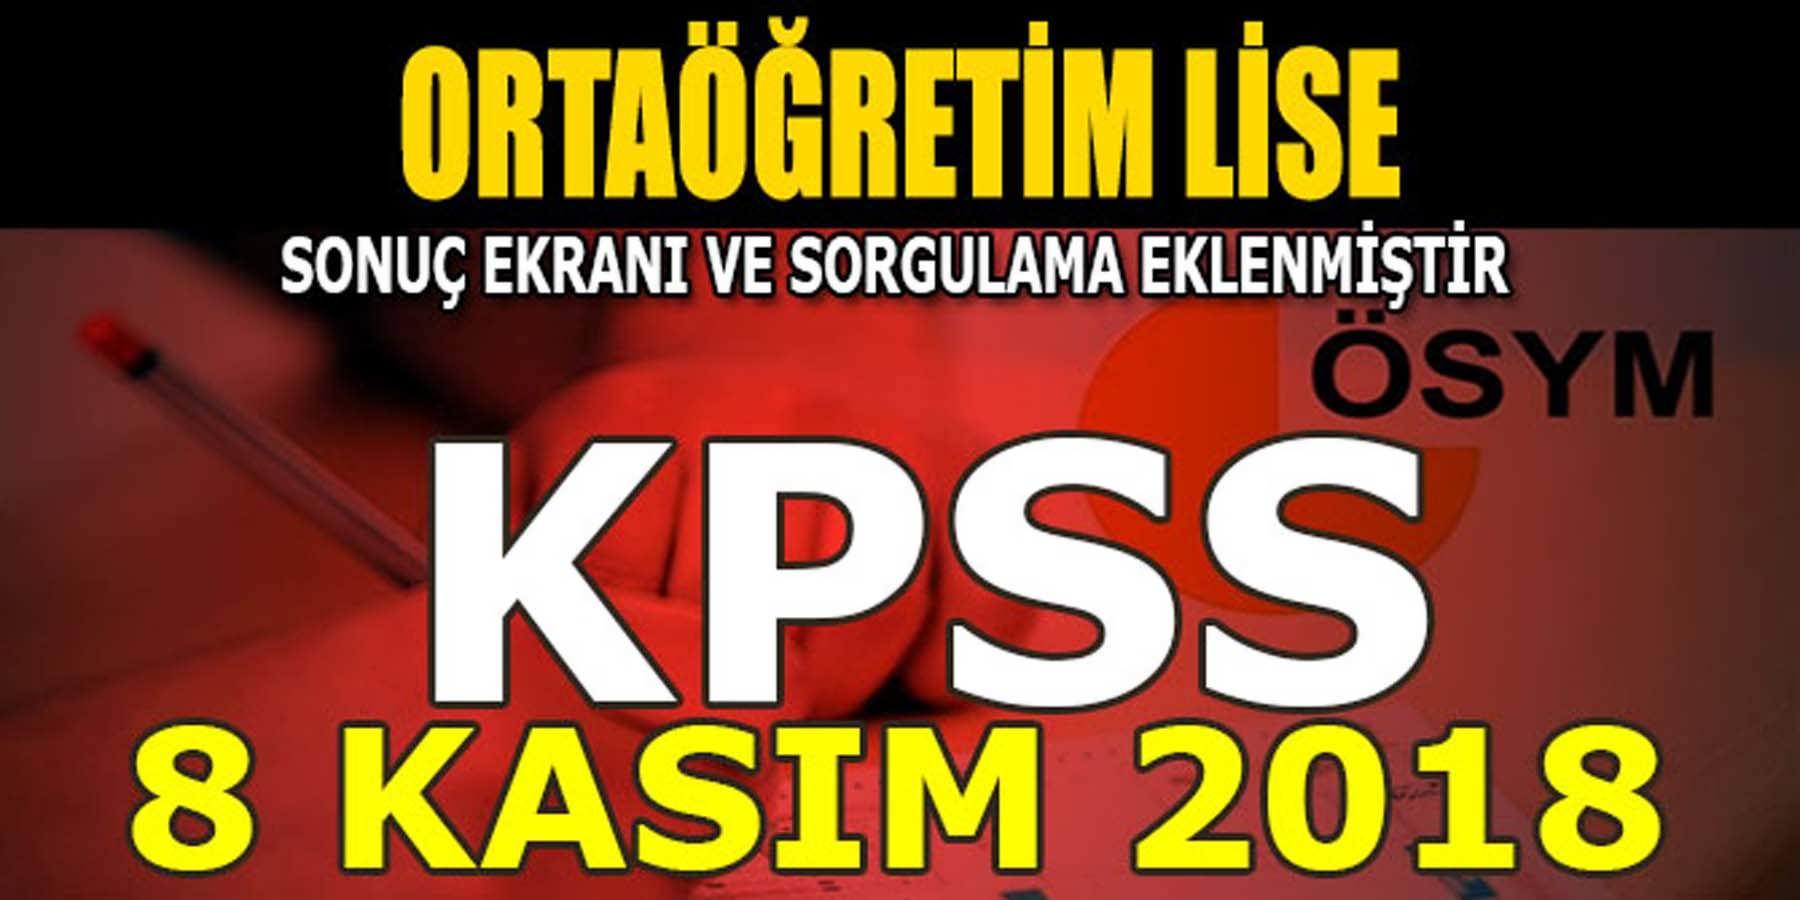 KPSS 2018 Lise (Ortaöğretim) Sonuçları Açıklandı (Sonuç Sorgulama Sayfası)